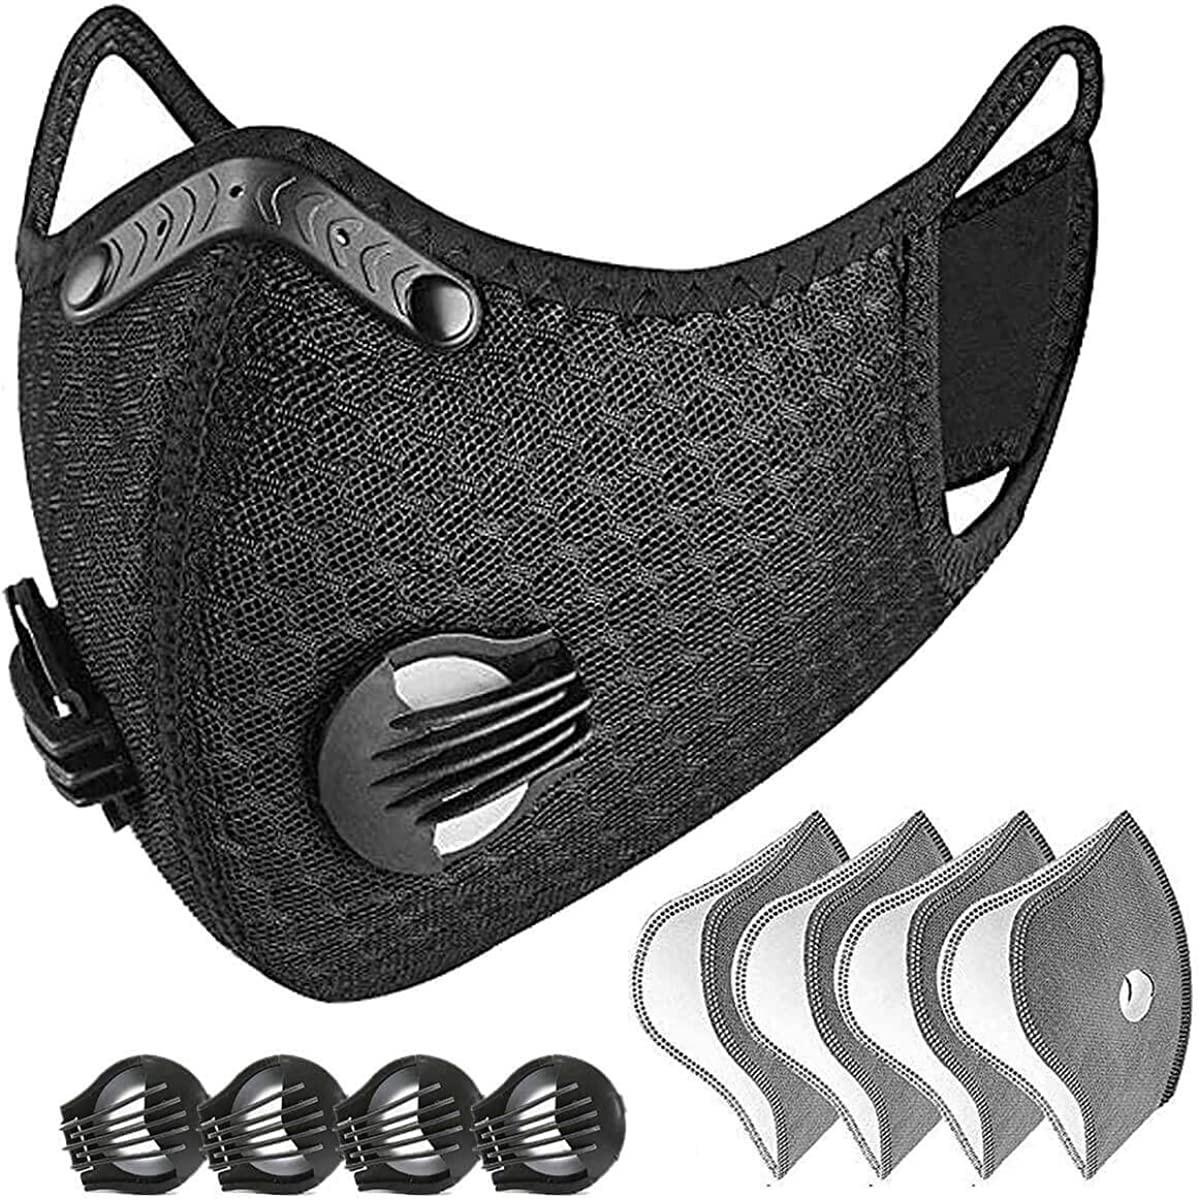 # H30 Staub Mit 4 Filter 4 Abgas Ventile Halbe Gesicht Wiederverwendbare Staubdicht Atemschutz Fahrrad Maske Radfahren Gesicht Maske Atemschutz